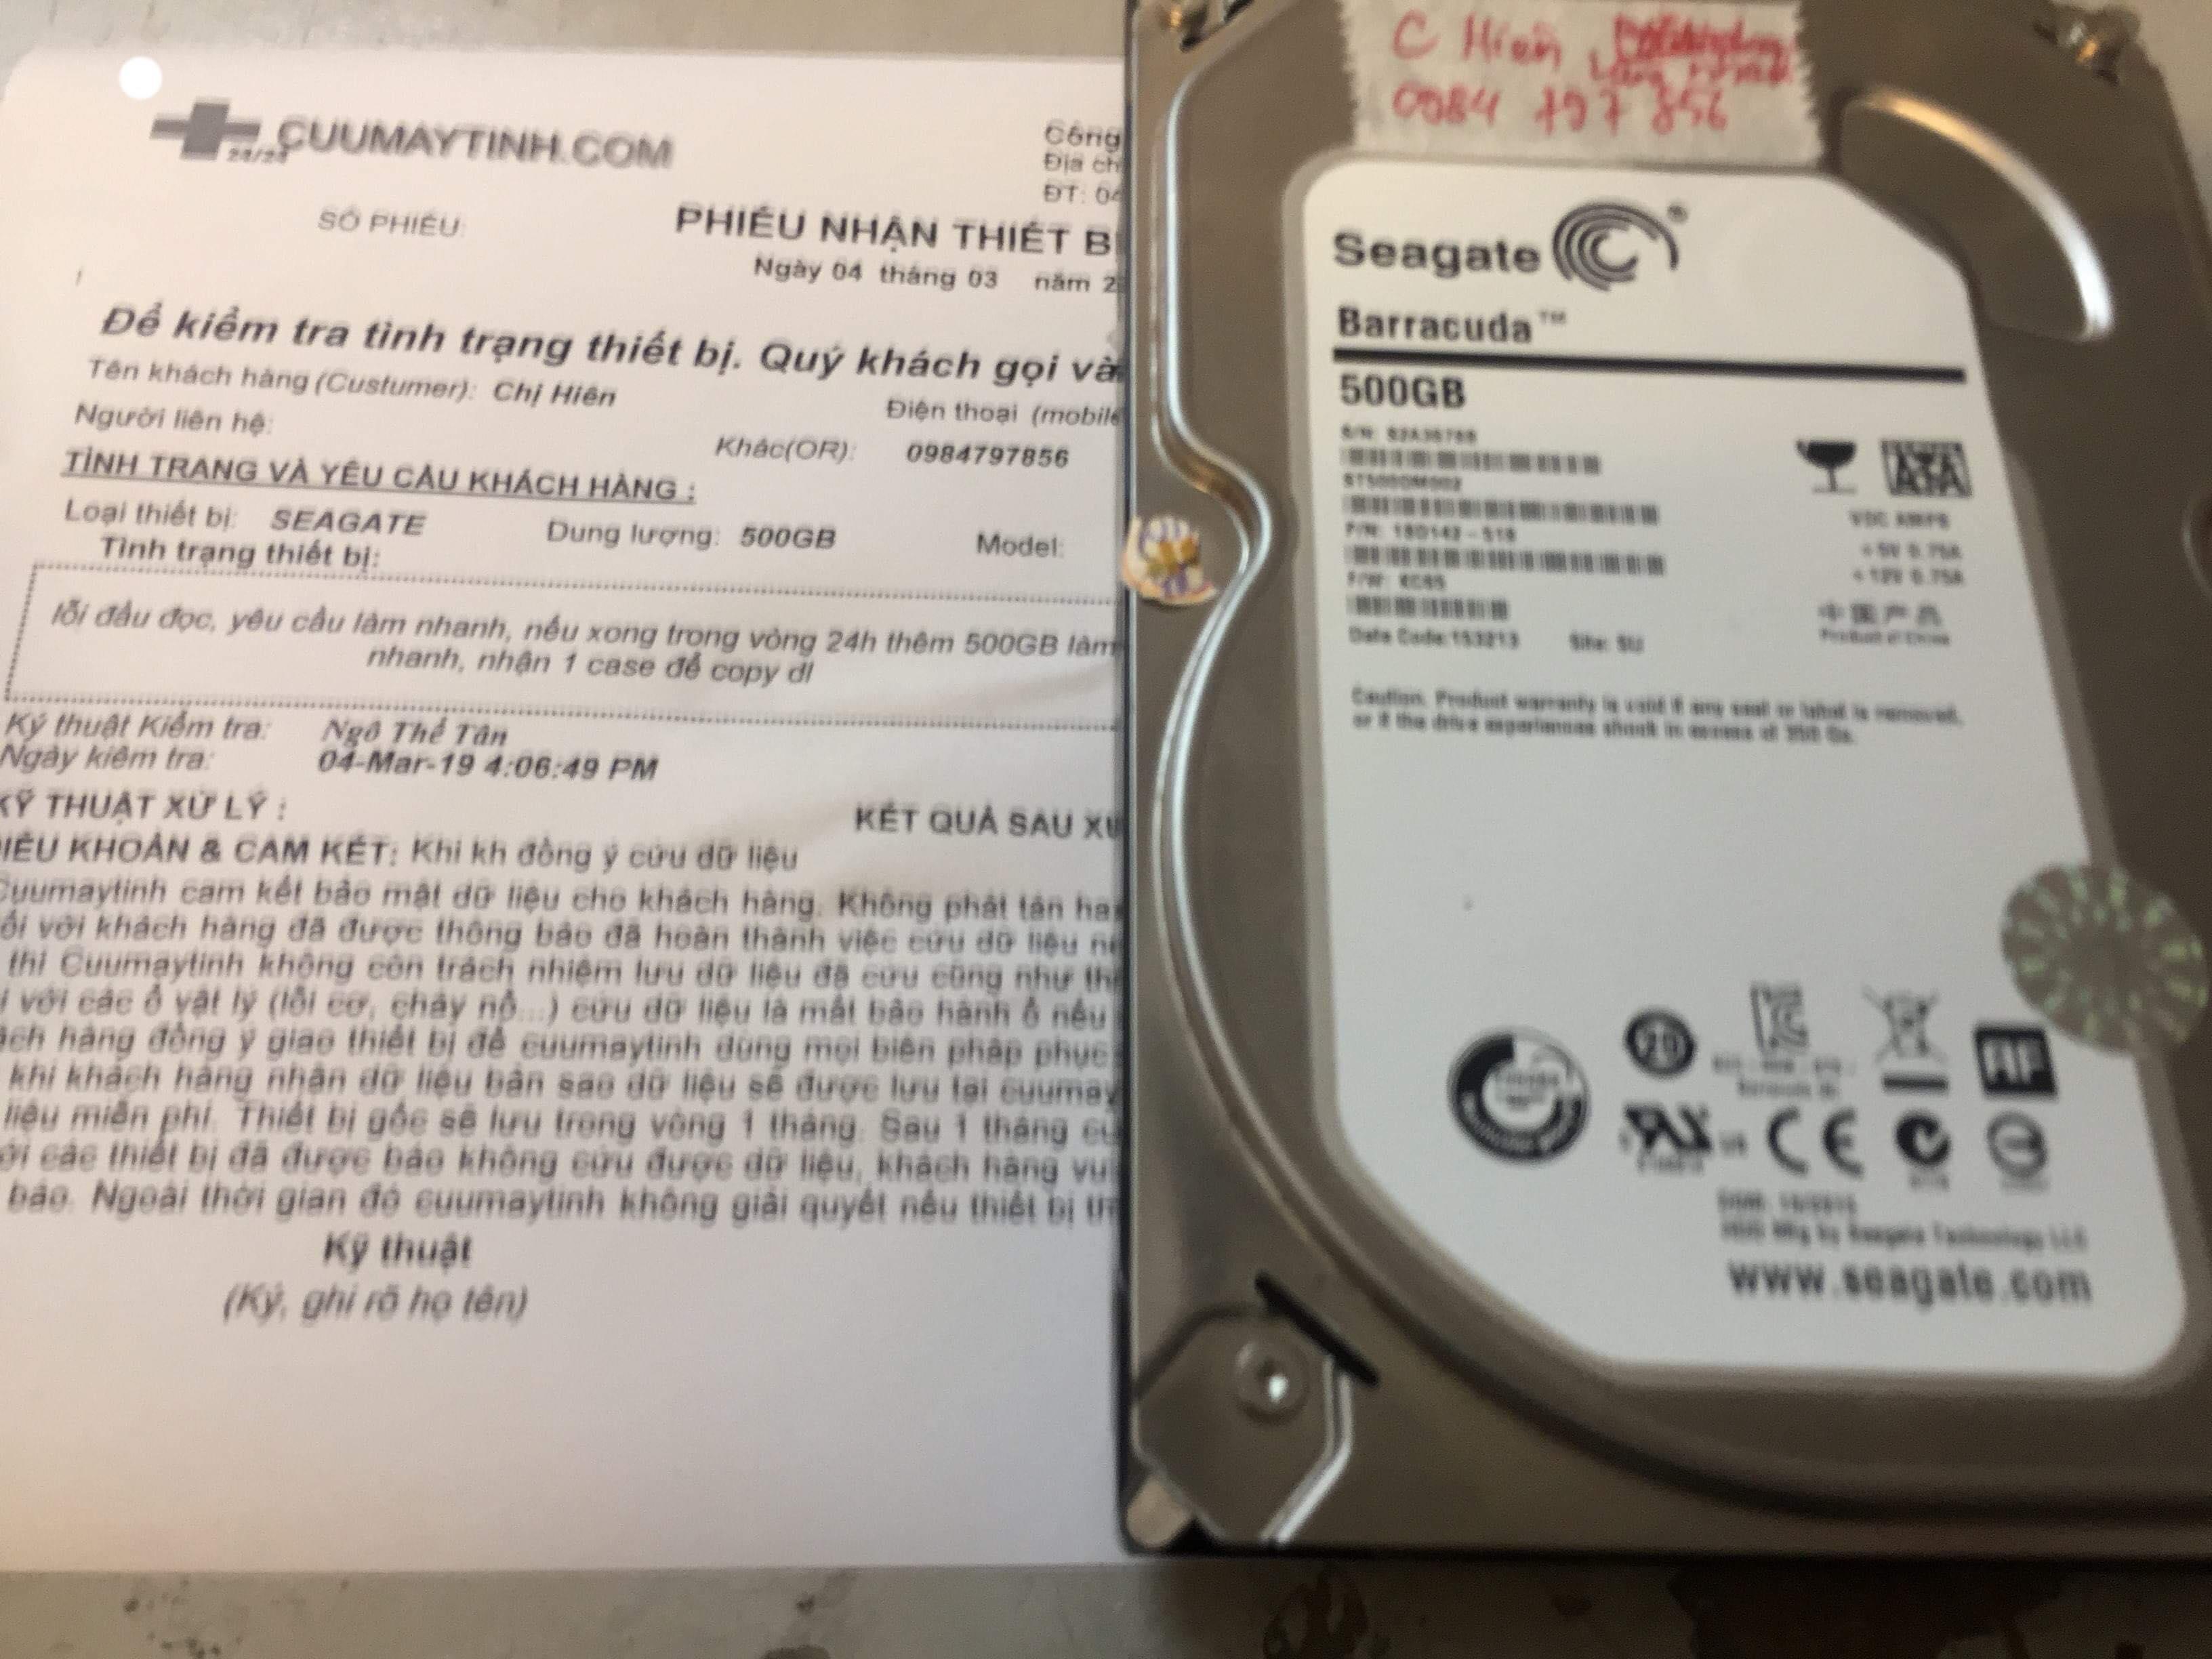 Phục hồi dữ liệu ổ cứng Seagate 500GB lỗi đầu đọc 04/03/2019 - cuumaytinh